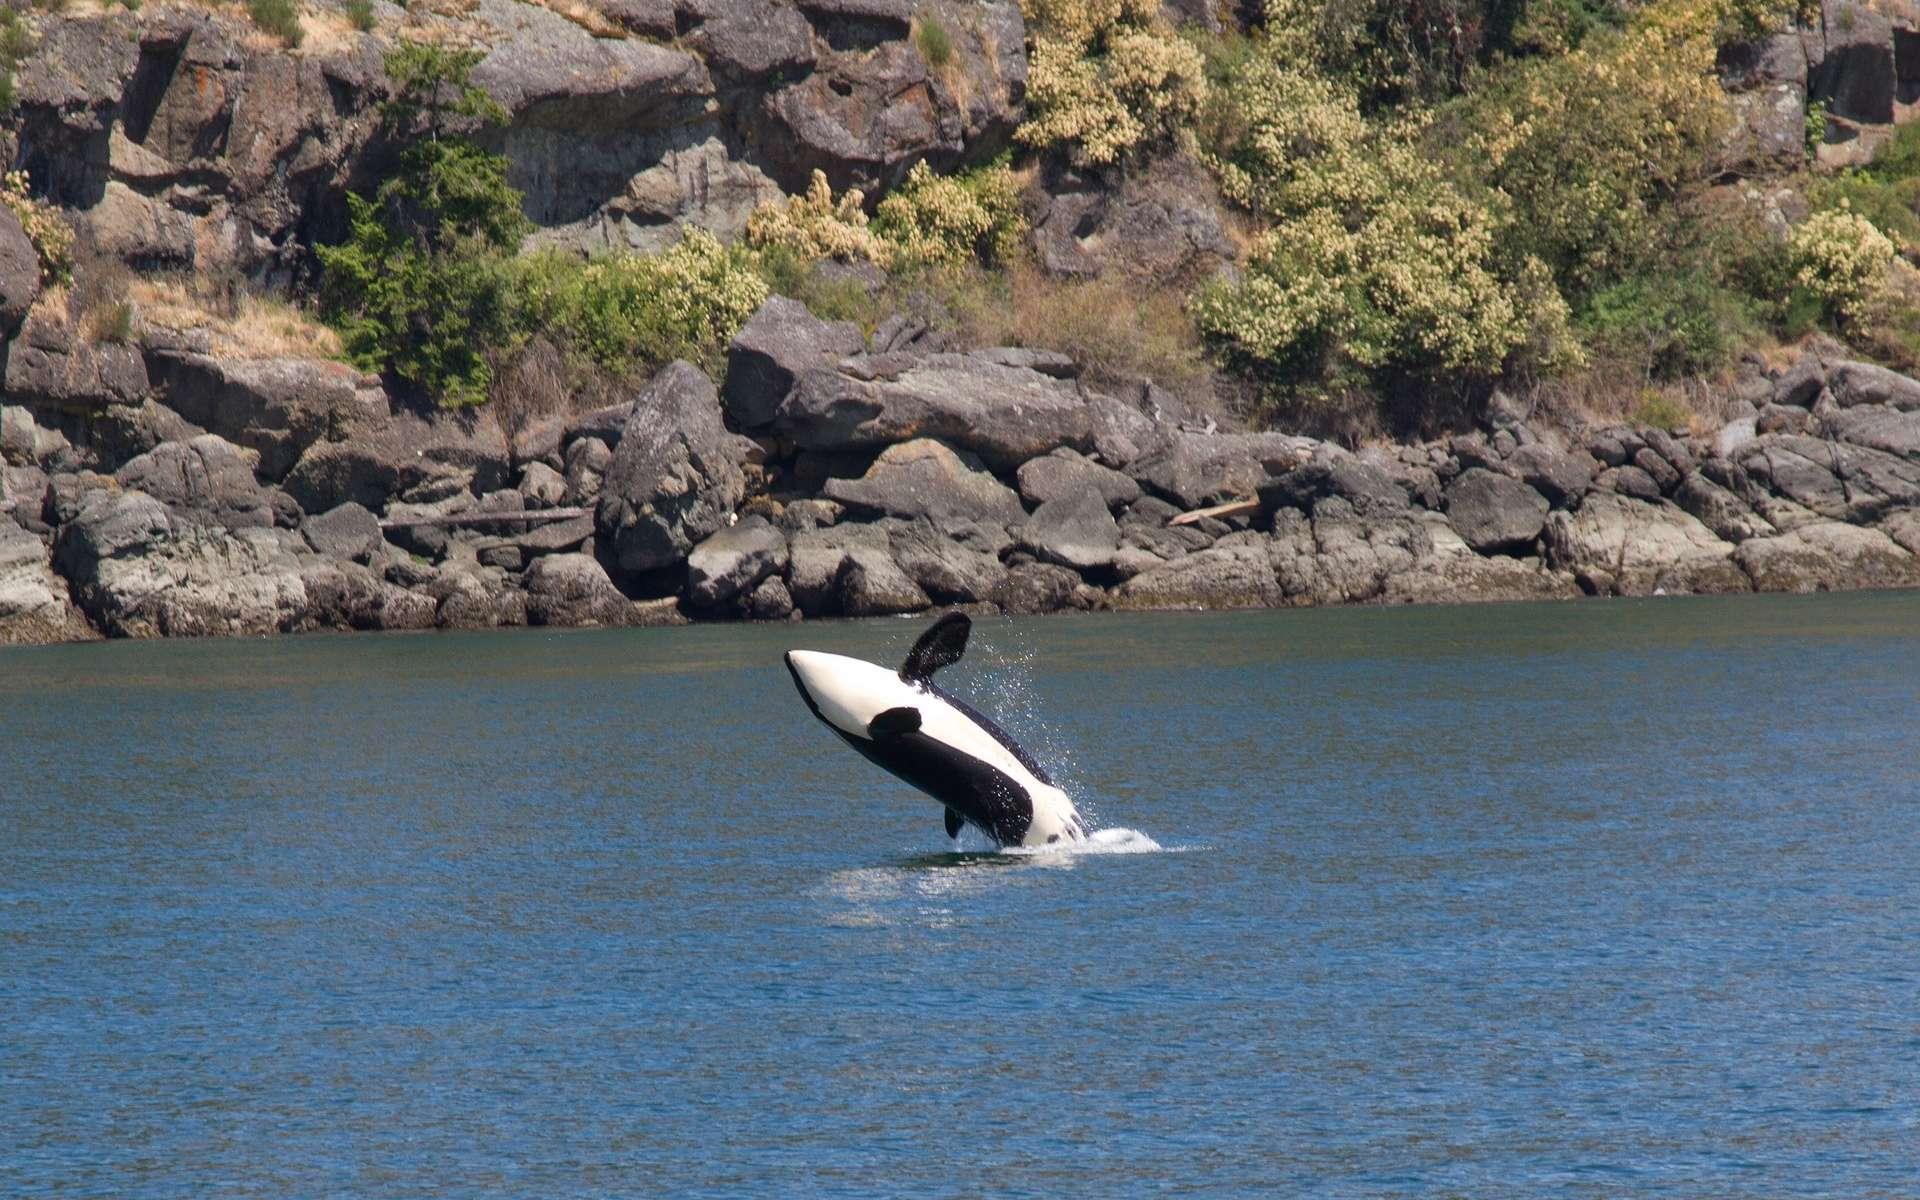 Les orques, ou épaulards, sont de puissants cétacés prédateurs largement répartis dans les océans. © jazapp, Pixabay